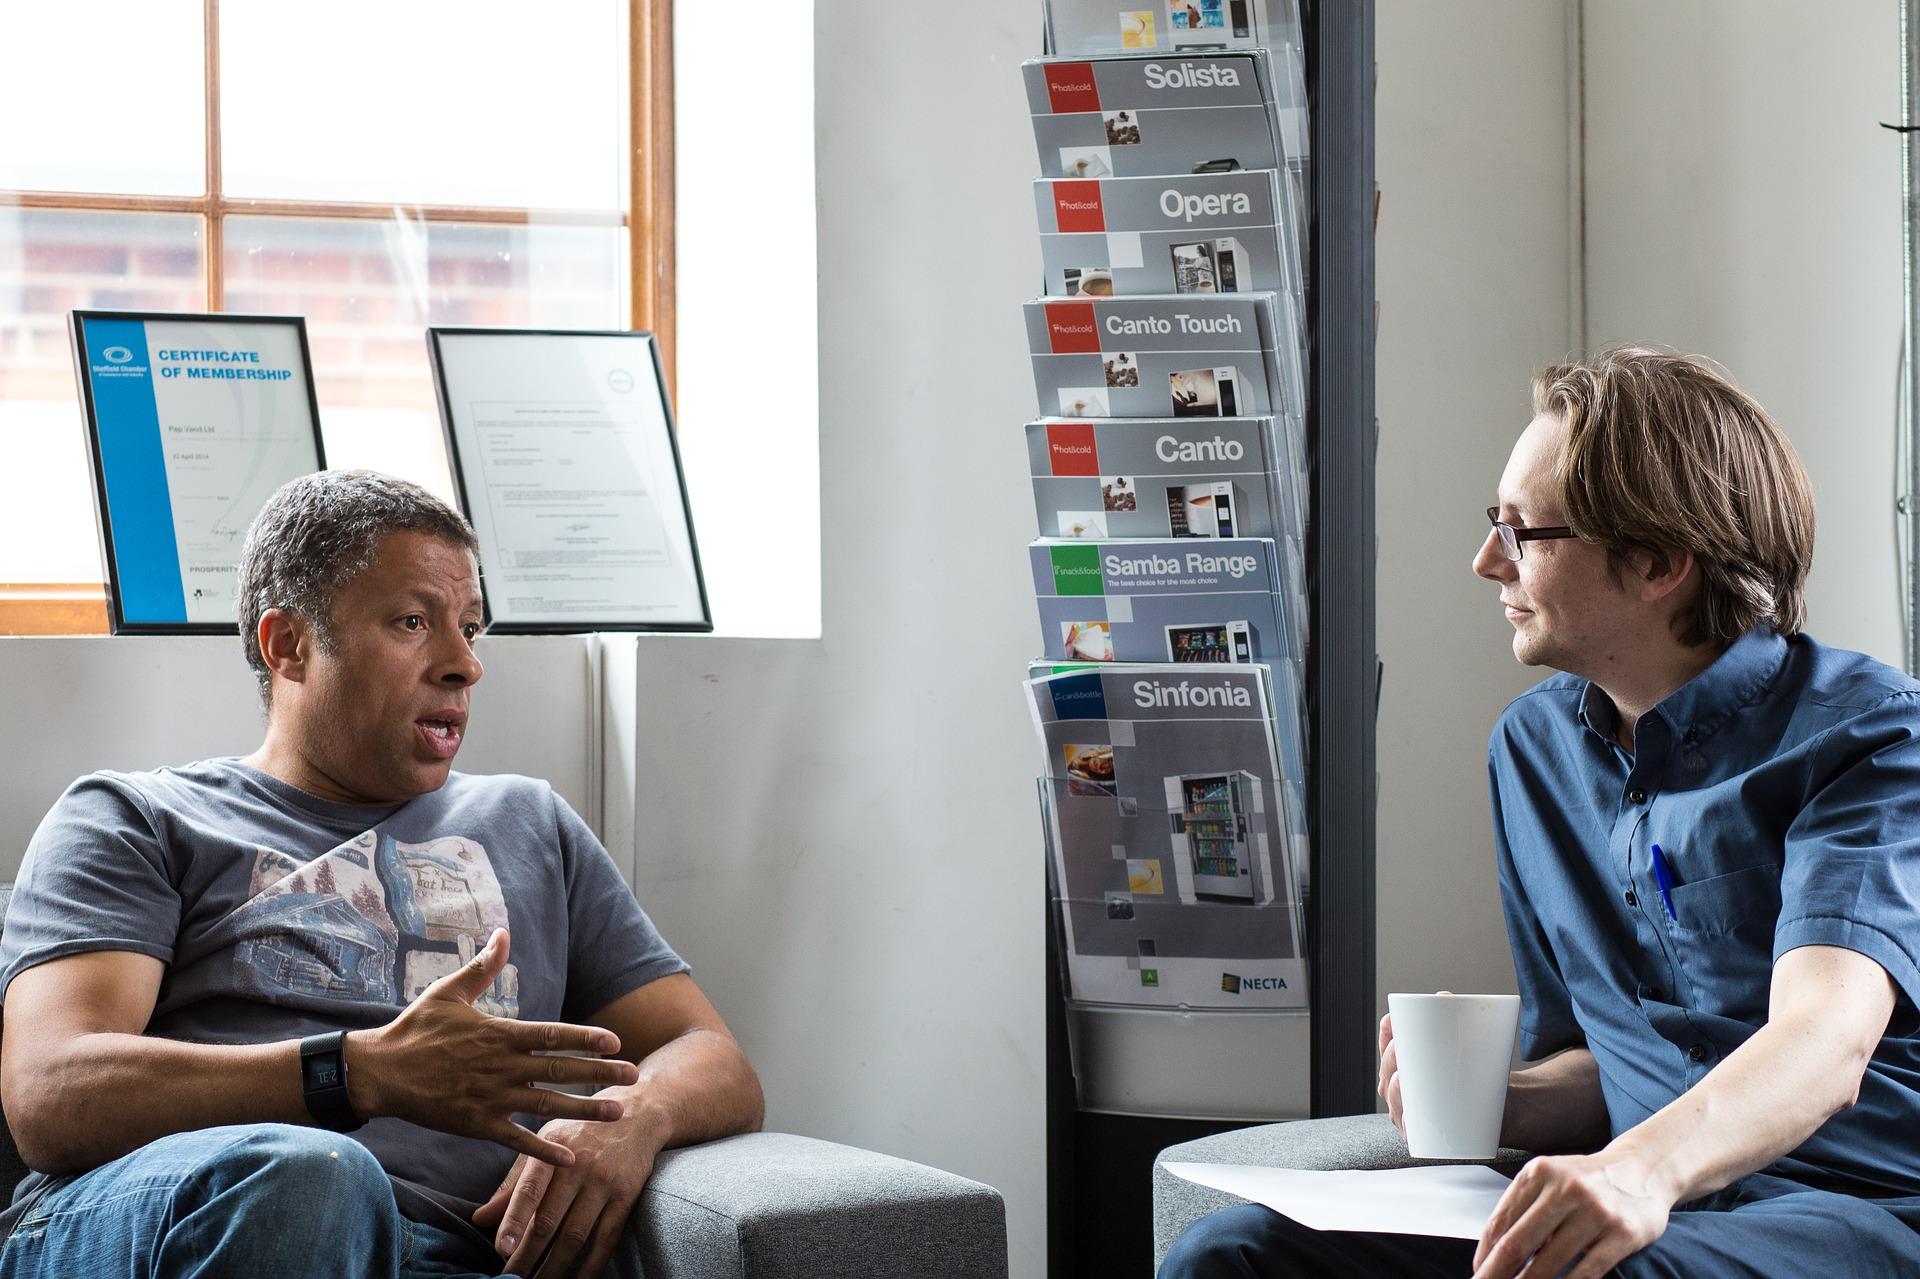 Aktives Zuhören – mit 12 Zuhörtechniken zum perfekten Gesprächspartner werden